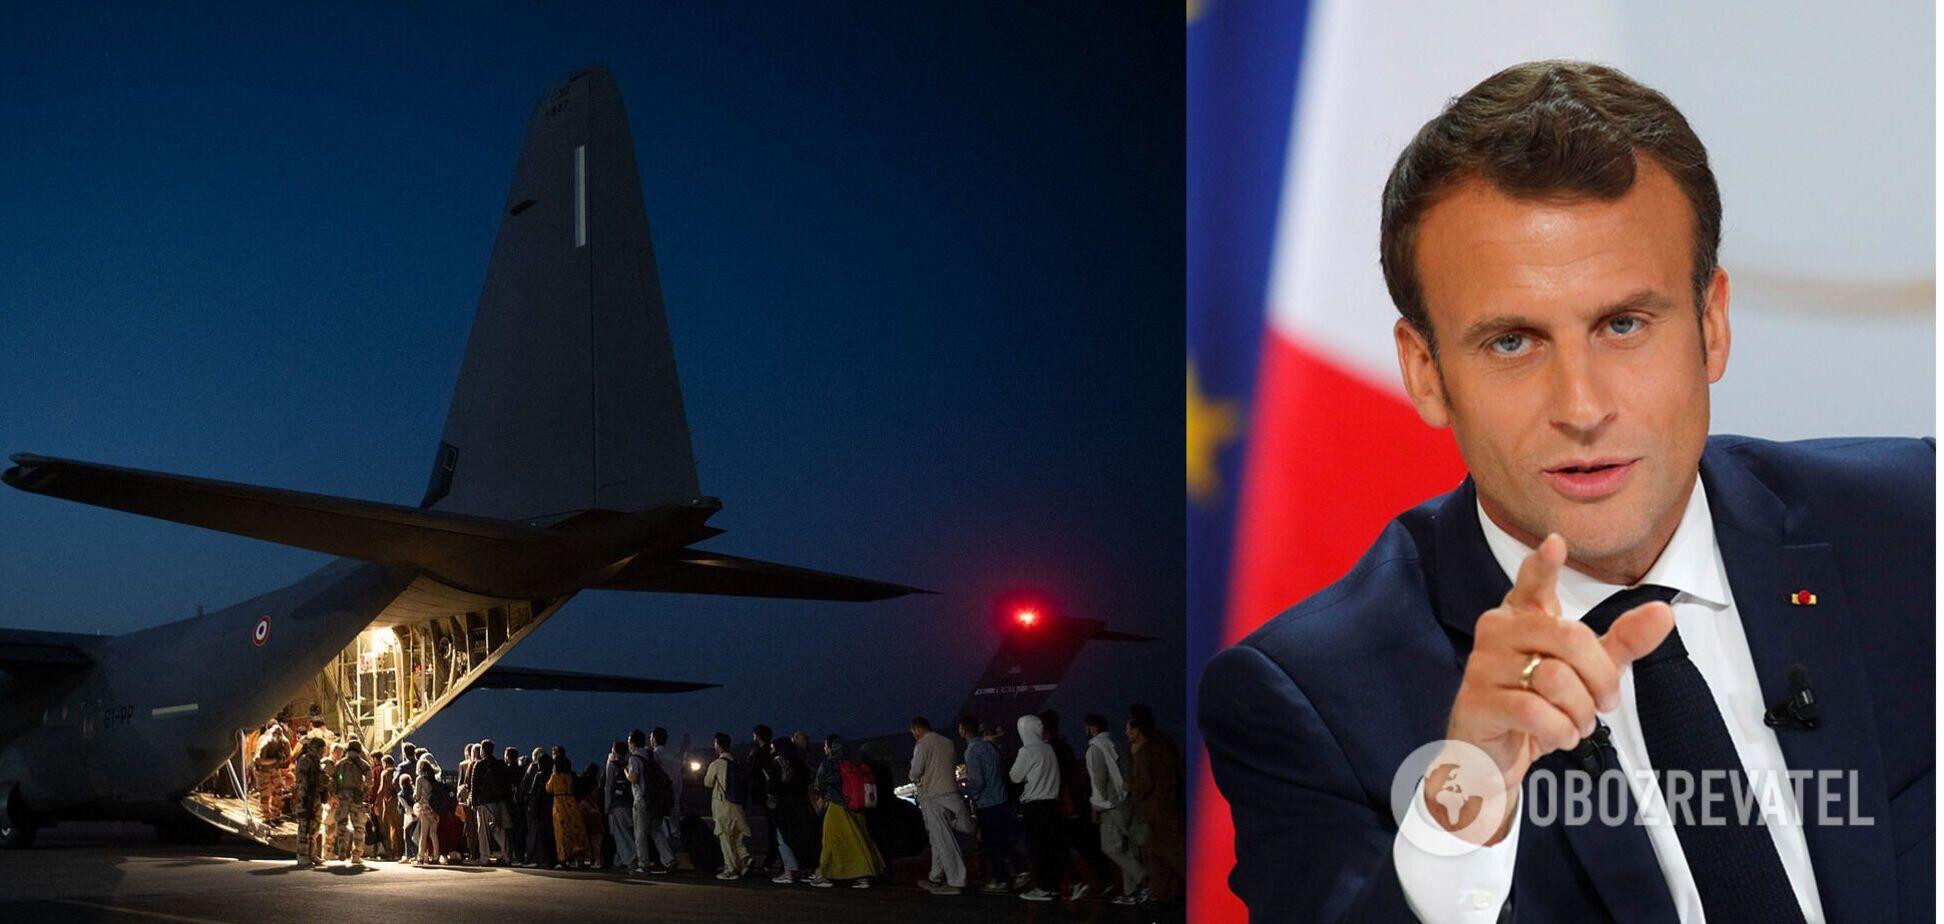 Франція припинила евакуацію з Кабула: Макрон виступив із заявою